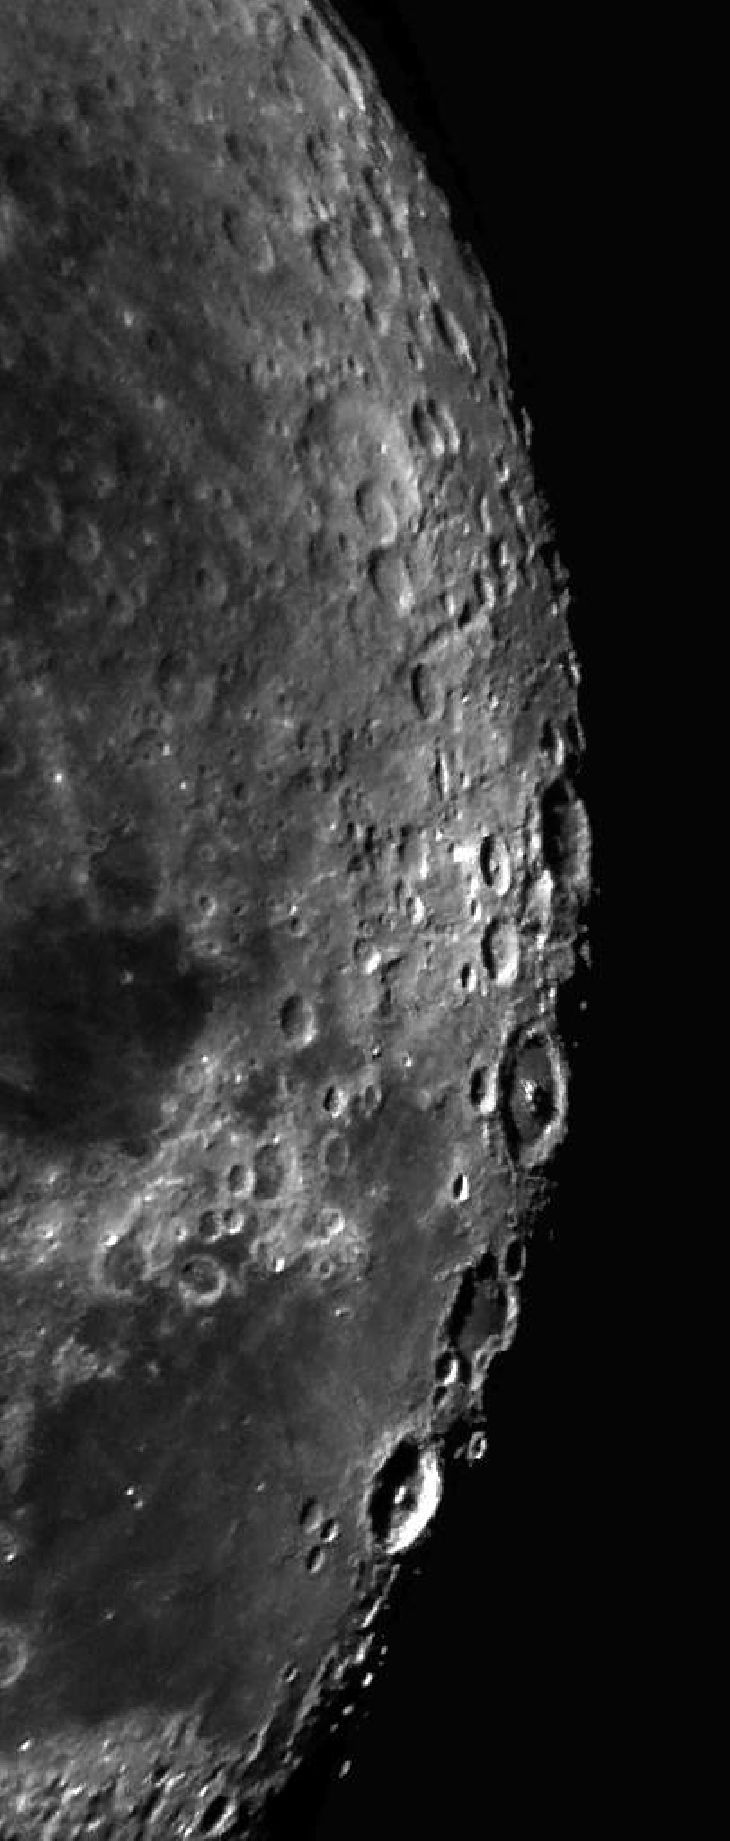 Moon -Taken by Amir Ehteshami on January 1, 2011 @ Shiraz, Iran